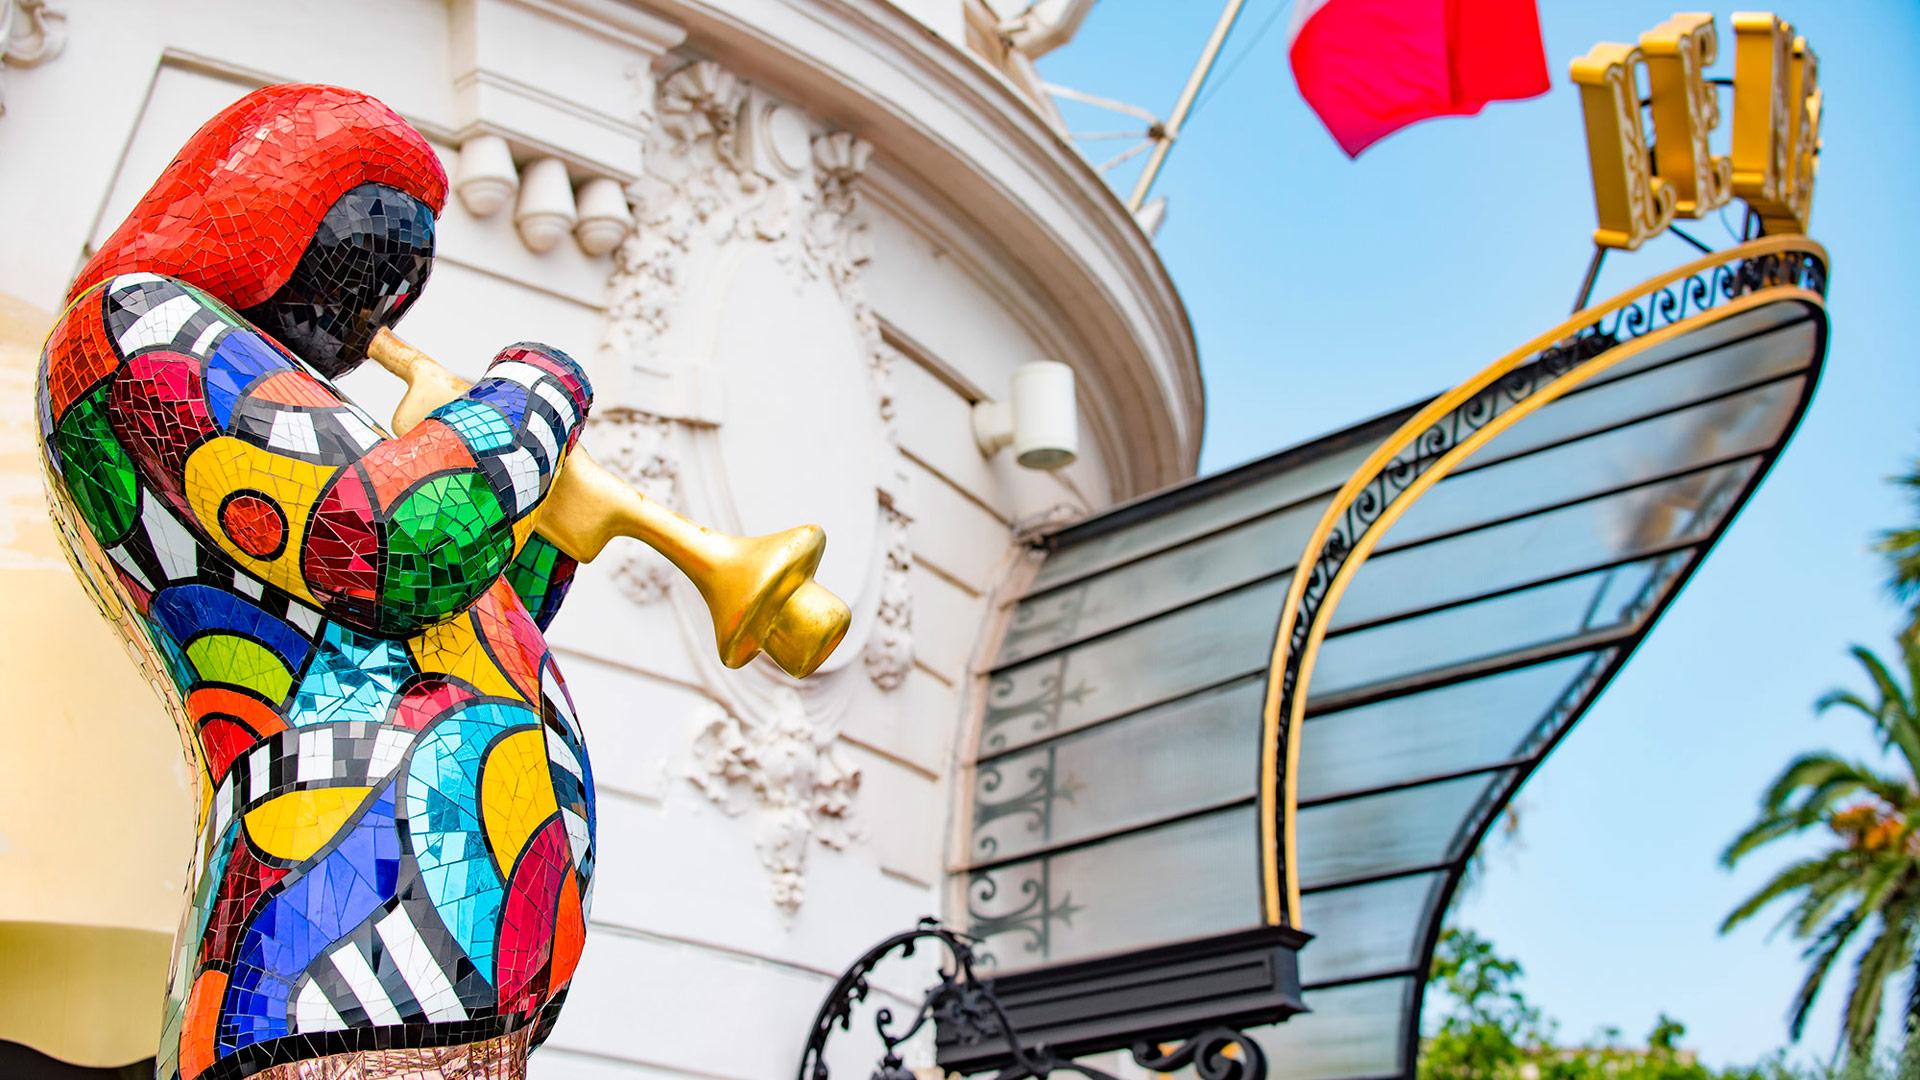 Escultura en homenaje a Miles Davis en la entrada del Hotel Le Negresco, Niza, Francia